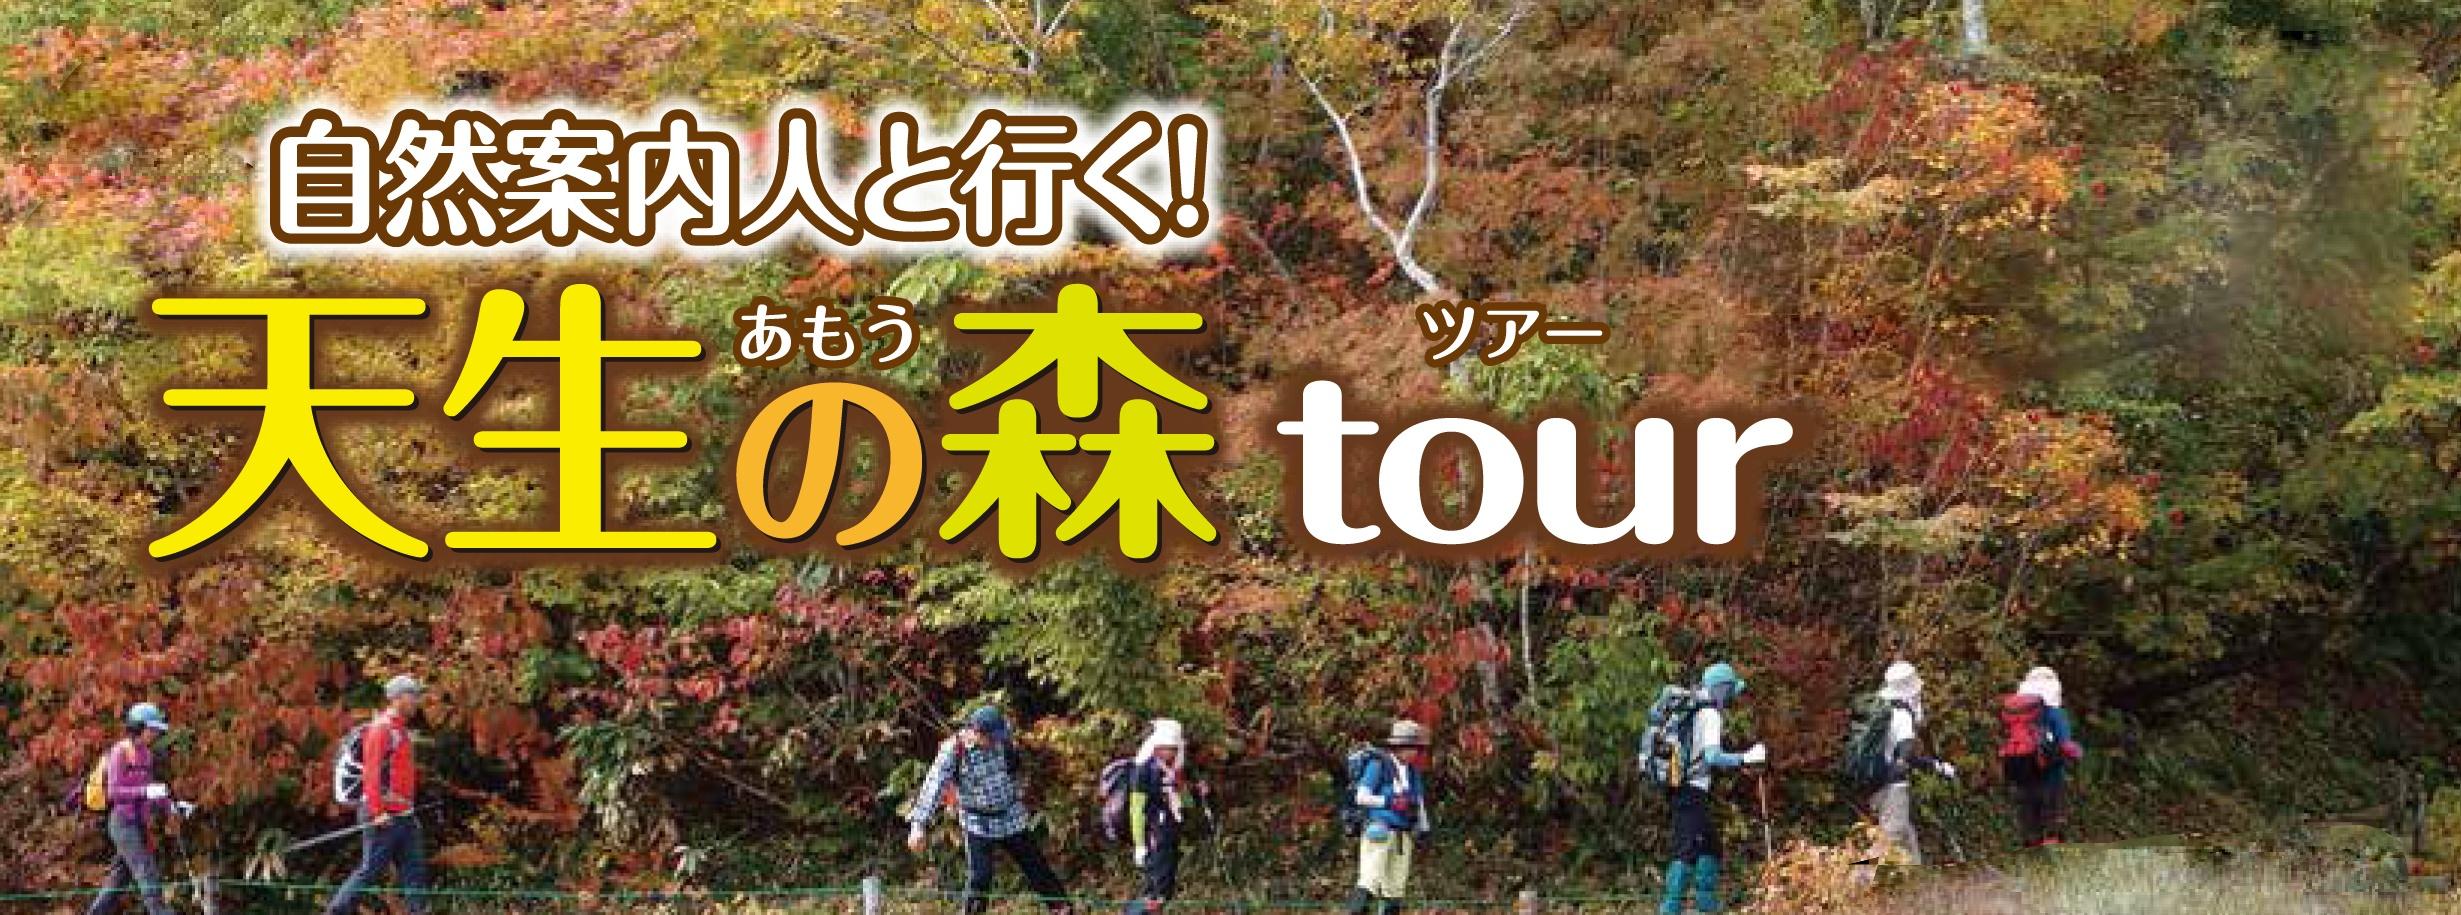 自然案内人と行く!天生の森tour